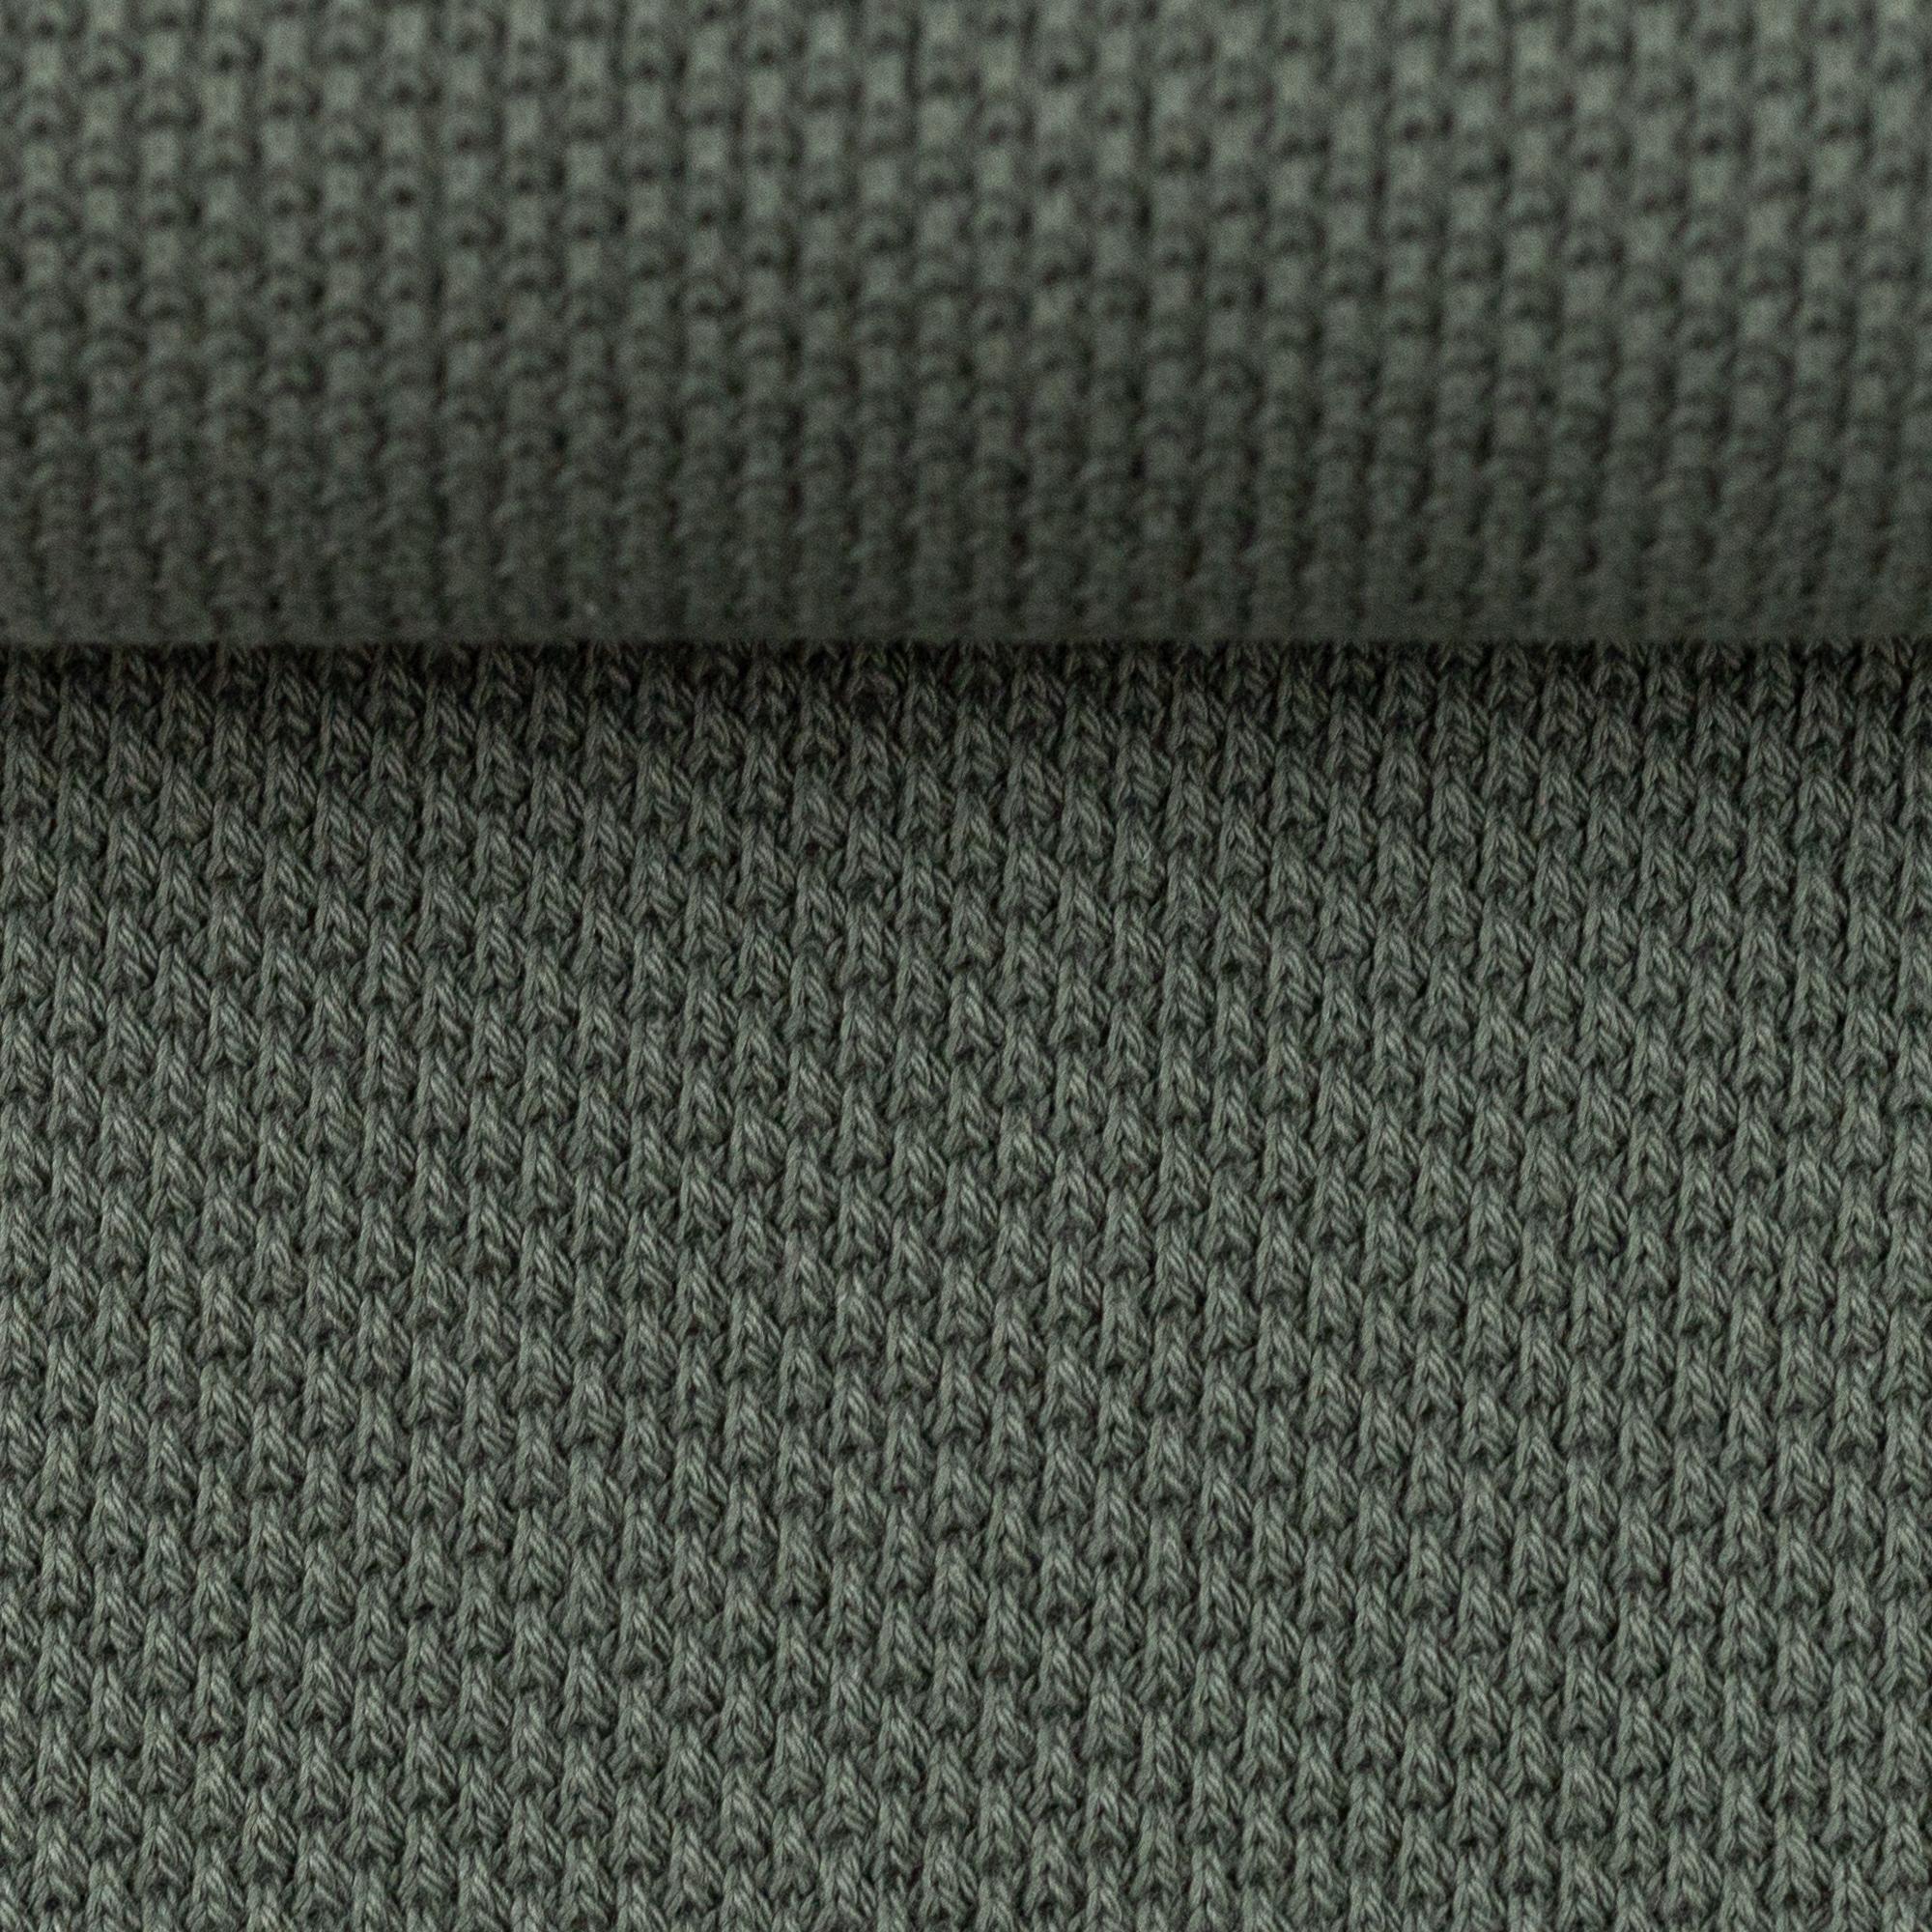 Strickstoff - Baumwollstrick - Swafing - Skadi - Khaki